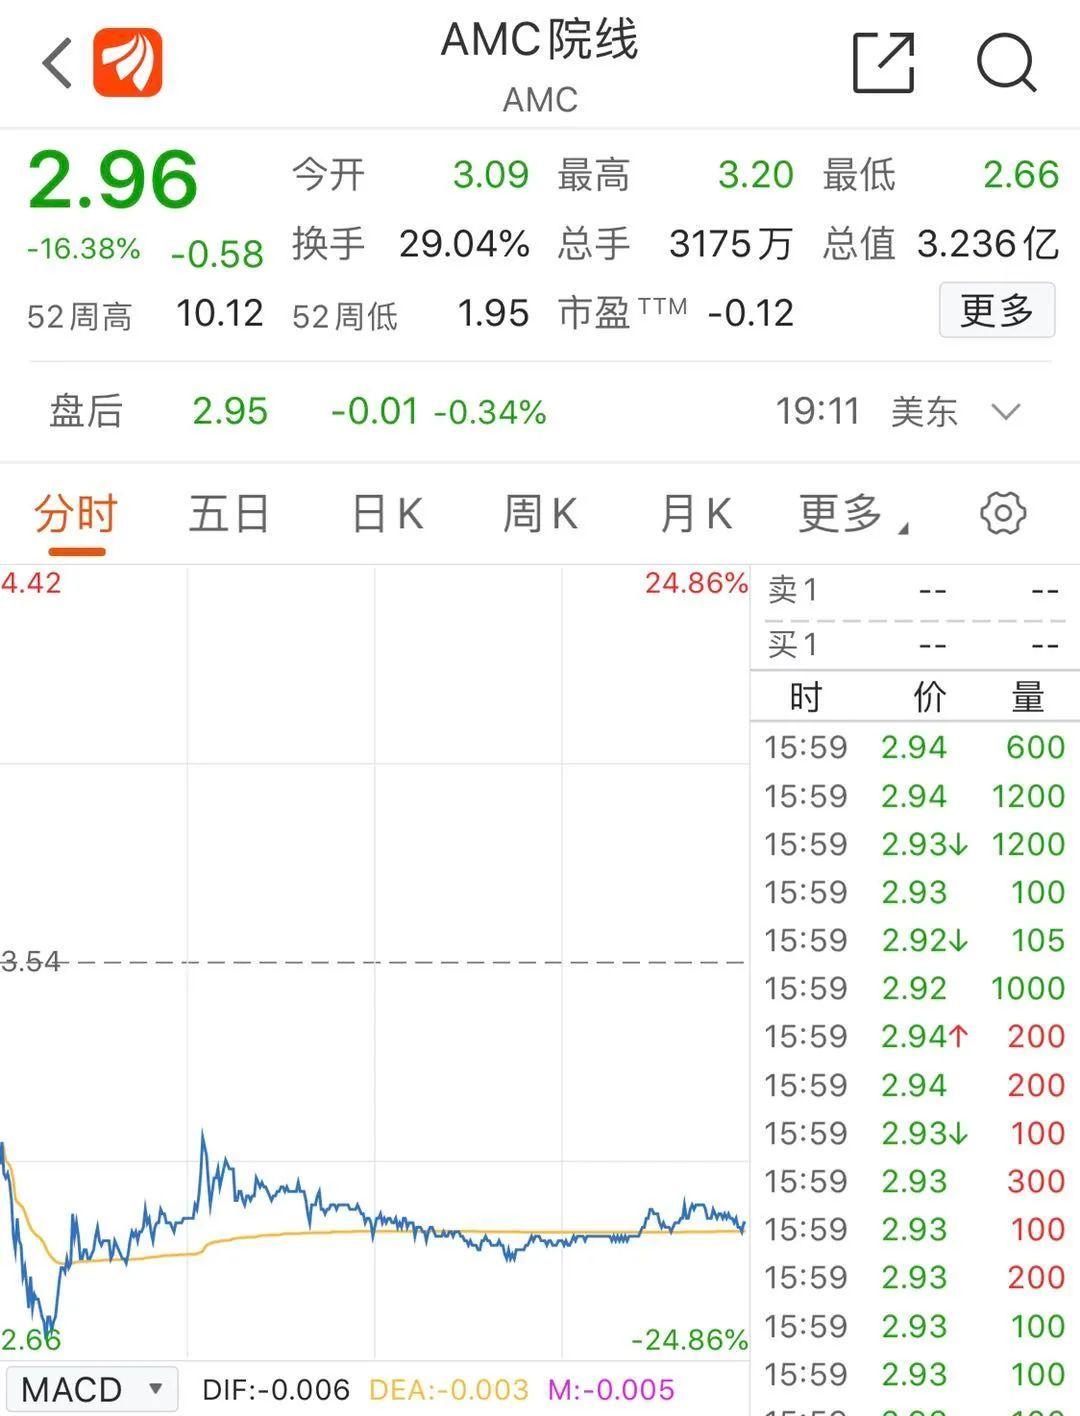 """""""闪崩!王健林也撑不住?200亿扫货的全球最大影院要申请破产?股价一度暴跌超20%!"""